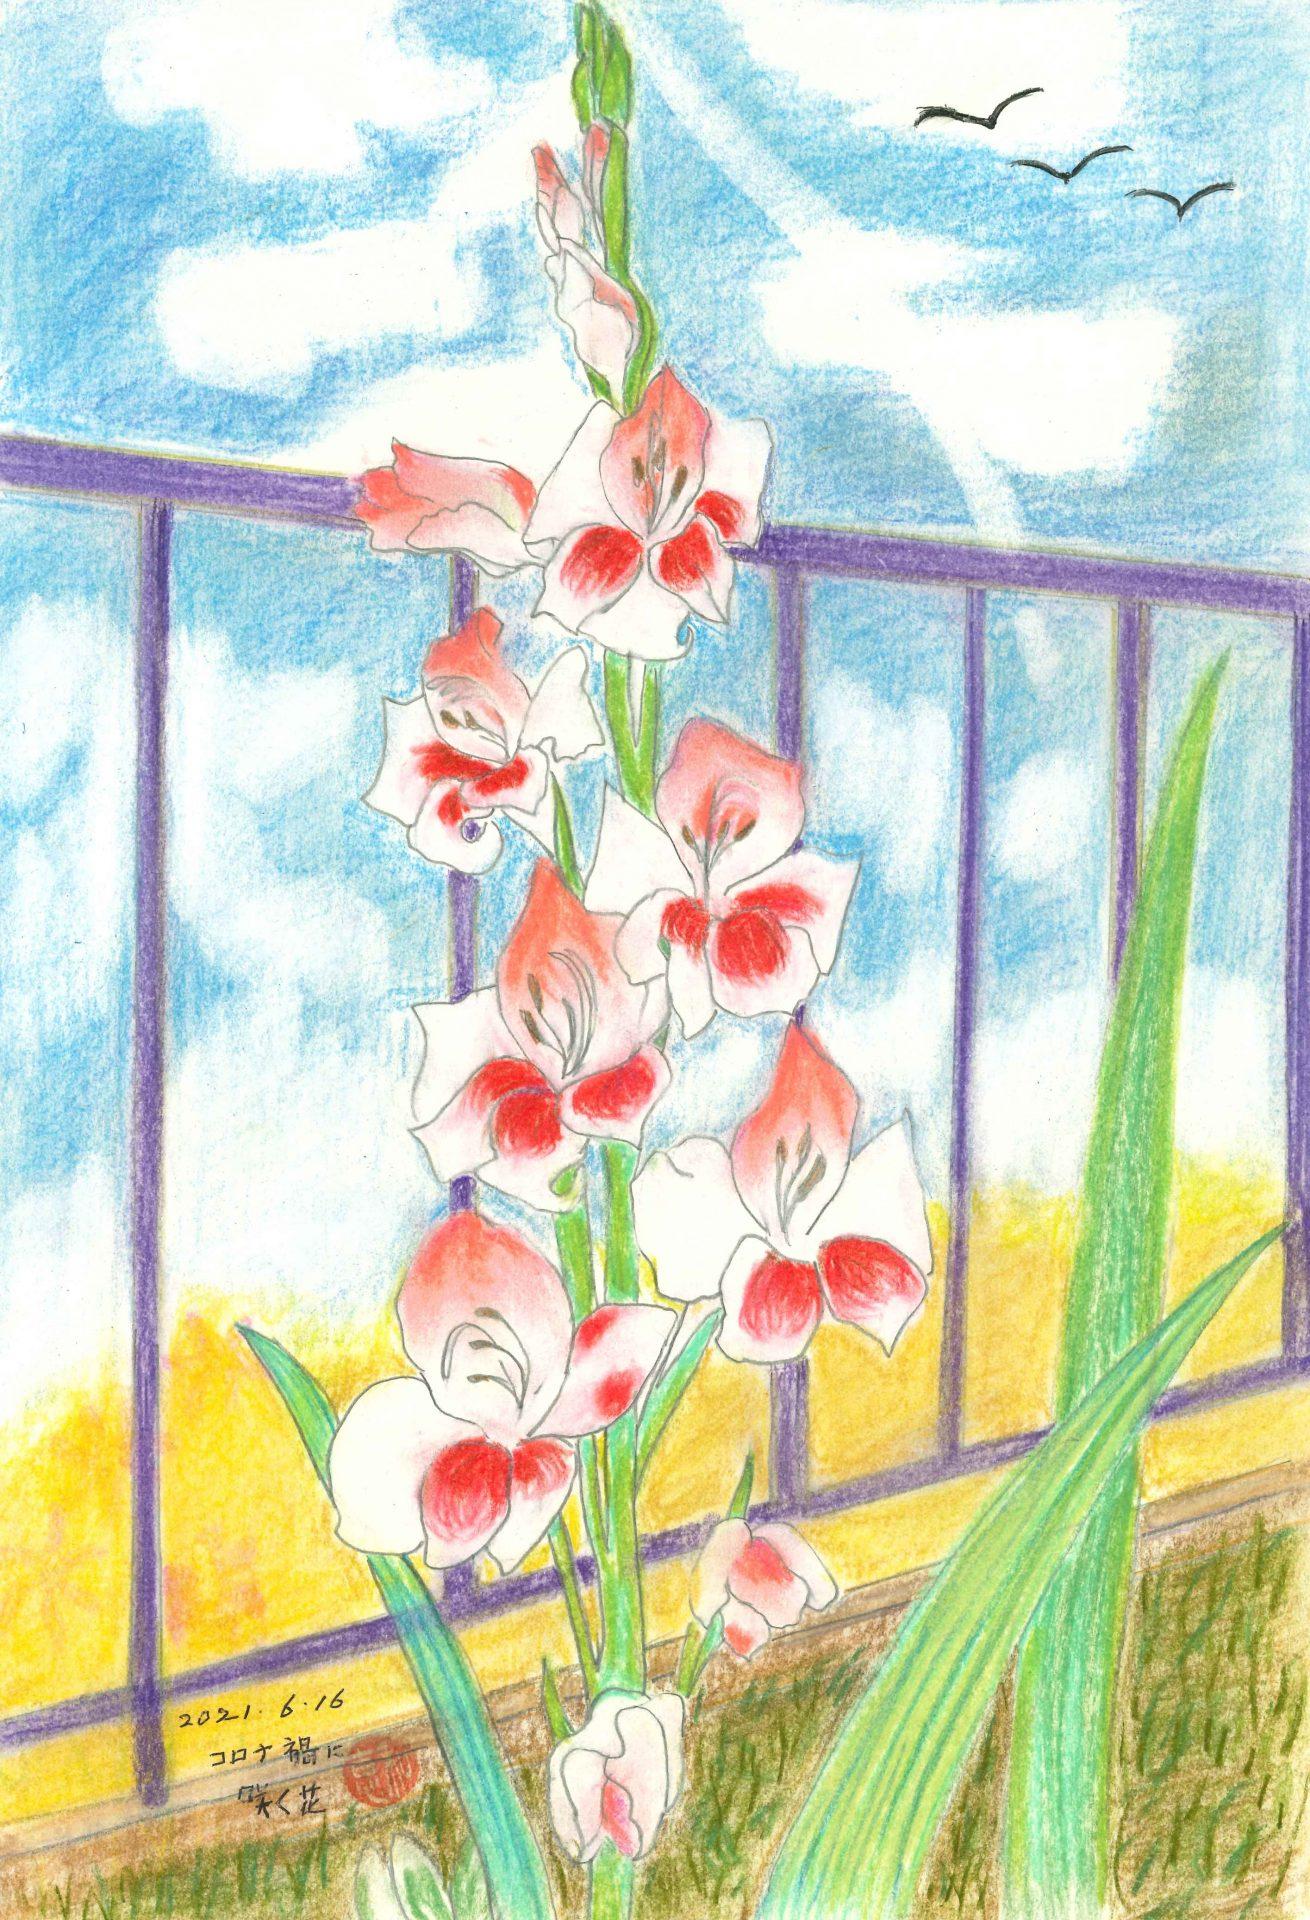 コロナ禍に咲く花